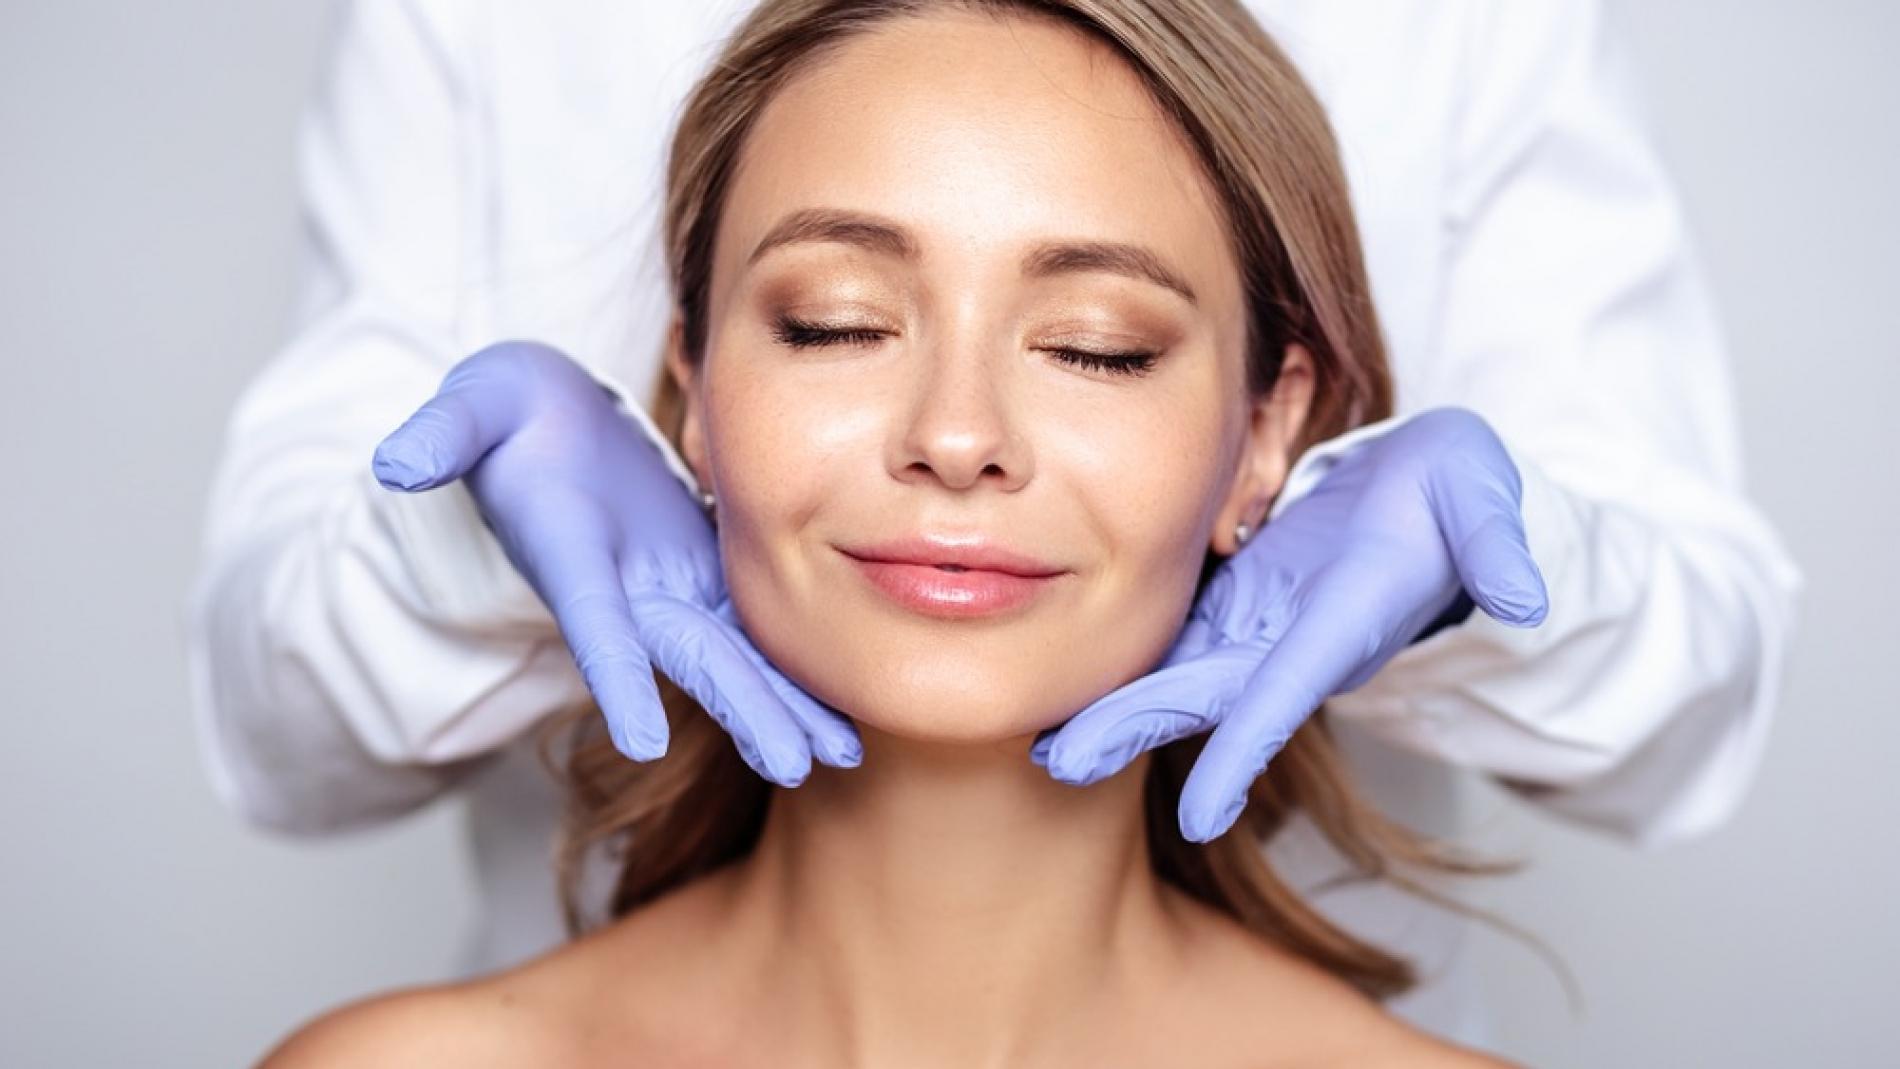 clinica de cirurgia plastica em santos dra a ana lucia lemos harmonizacao facial